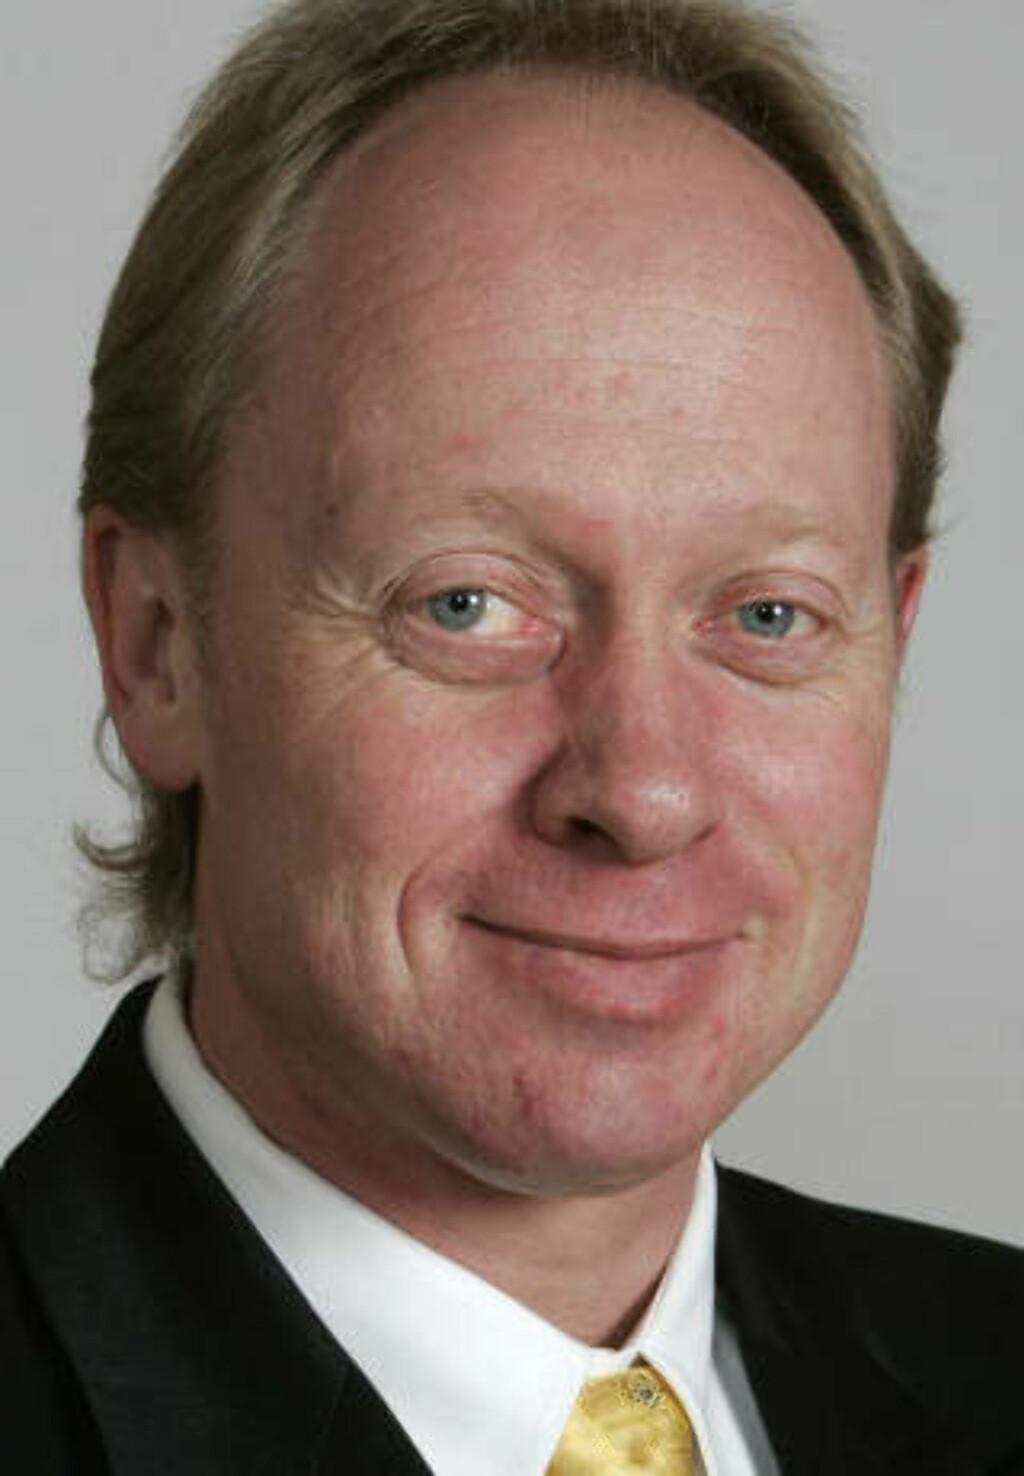 IKKE RETTFERDIG: Justispolitisk talsmann i Fremskrittspartiet, Jan Arild Ellingsen. Foto: Bjørn Sigurdsøn / SCANPIX